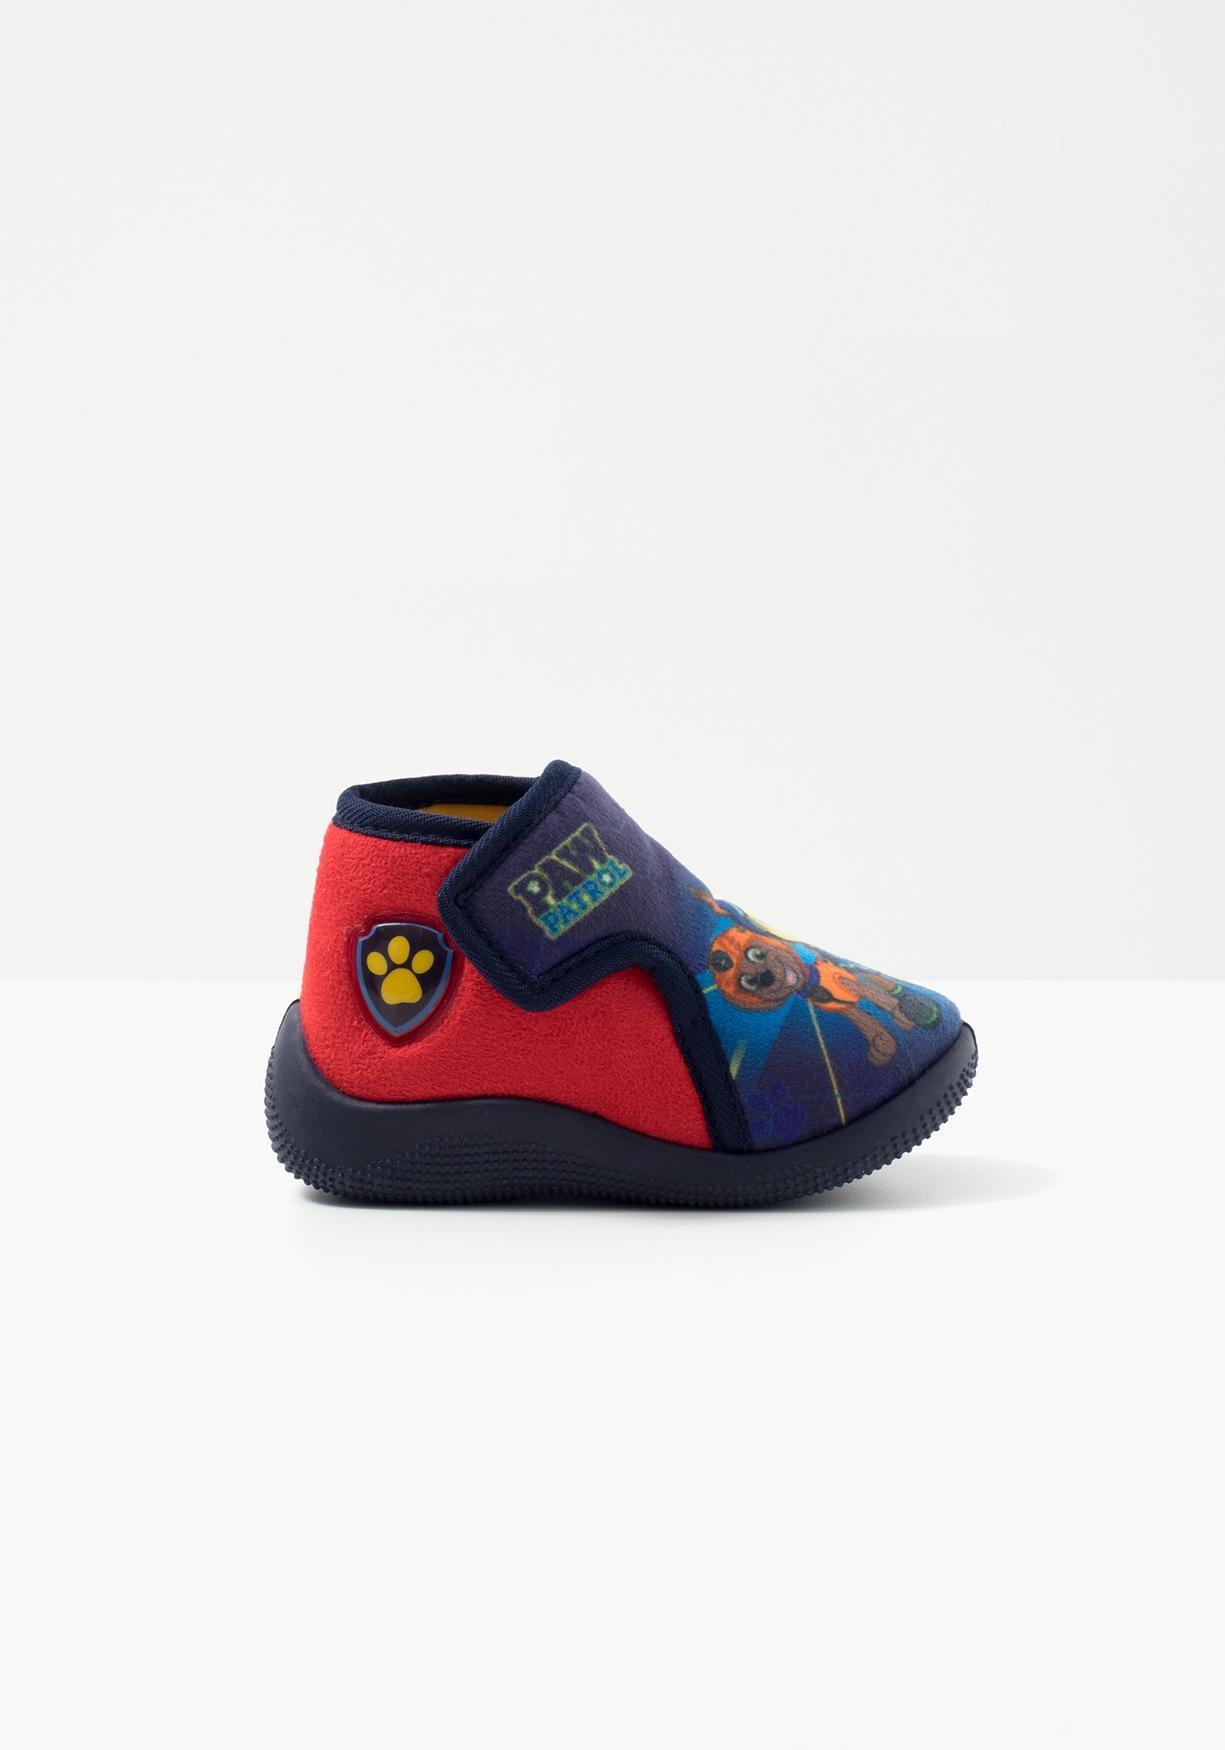 Comprar zapatillas de estar por casa paw patrol tallas 20 a 27 aprov chate de nuestros - Zapatillas casa nino carrefour ...